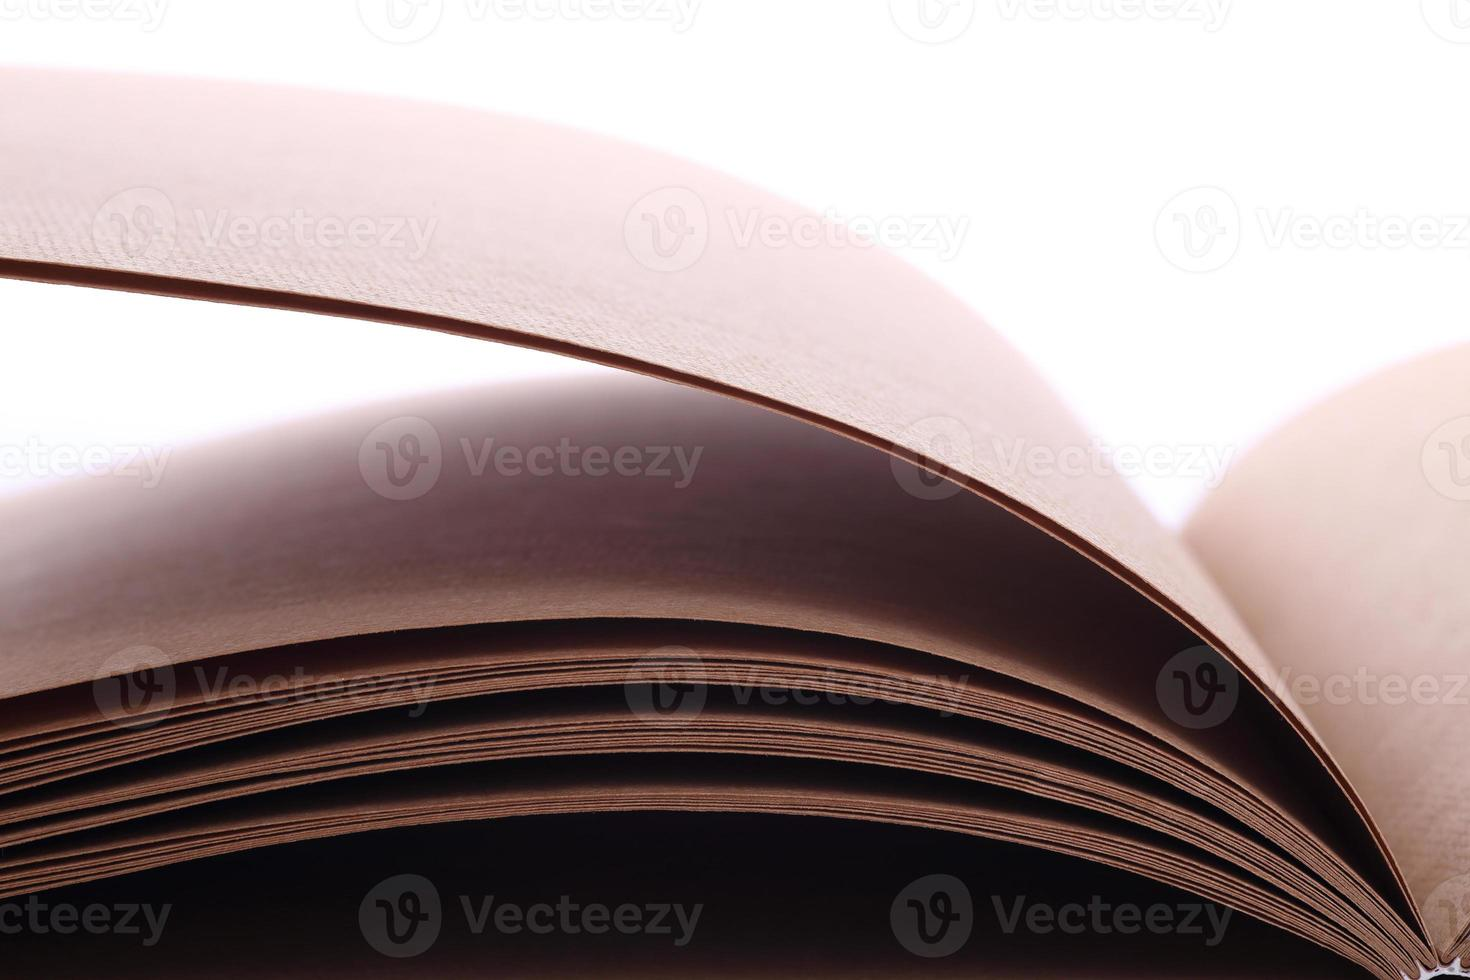 öppet bokpapper tomt på vit bakgrund foto